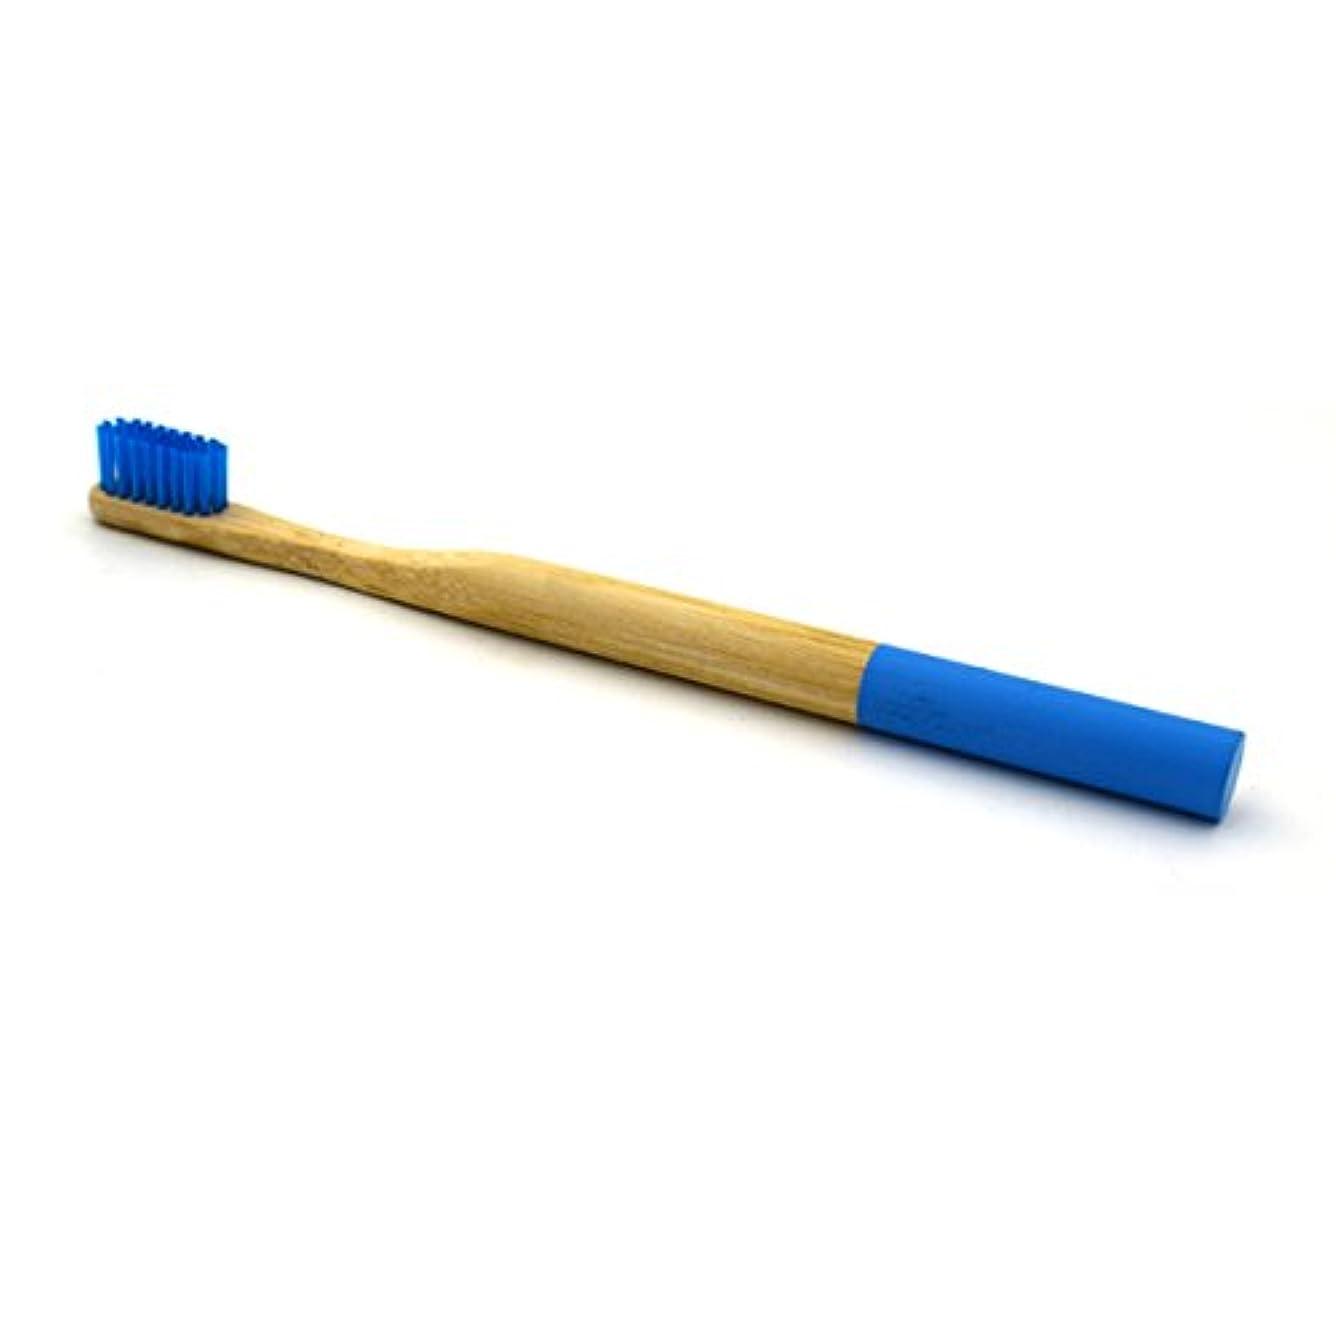 ミシン目ディスカウントコメンテーターHEALLILY竹製の歯ブラシ天然木炭竹製の歯ブラシ大人用柔らかい剛毛の歯ブラシ(ブルー)